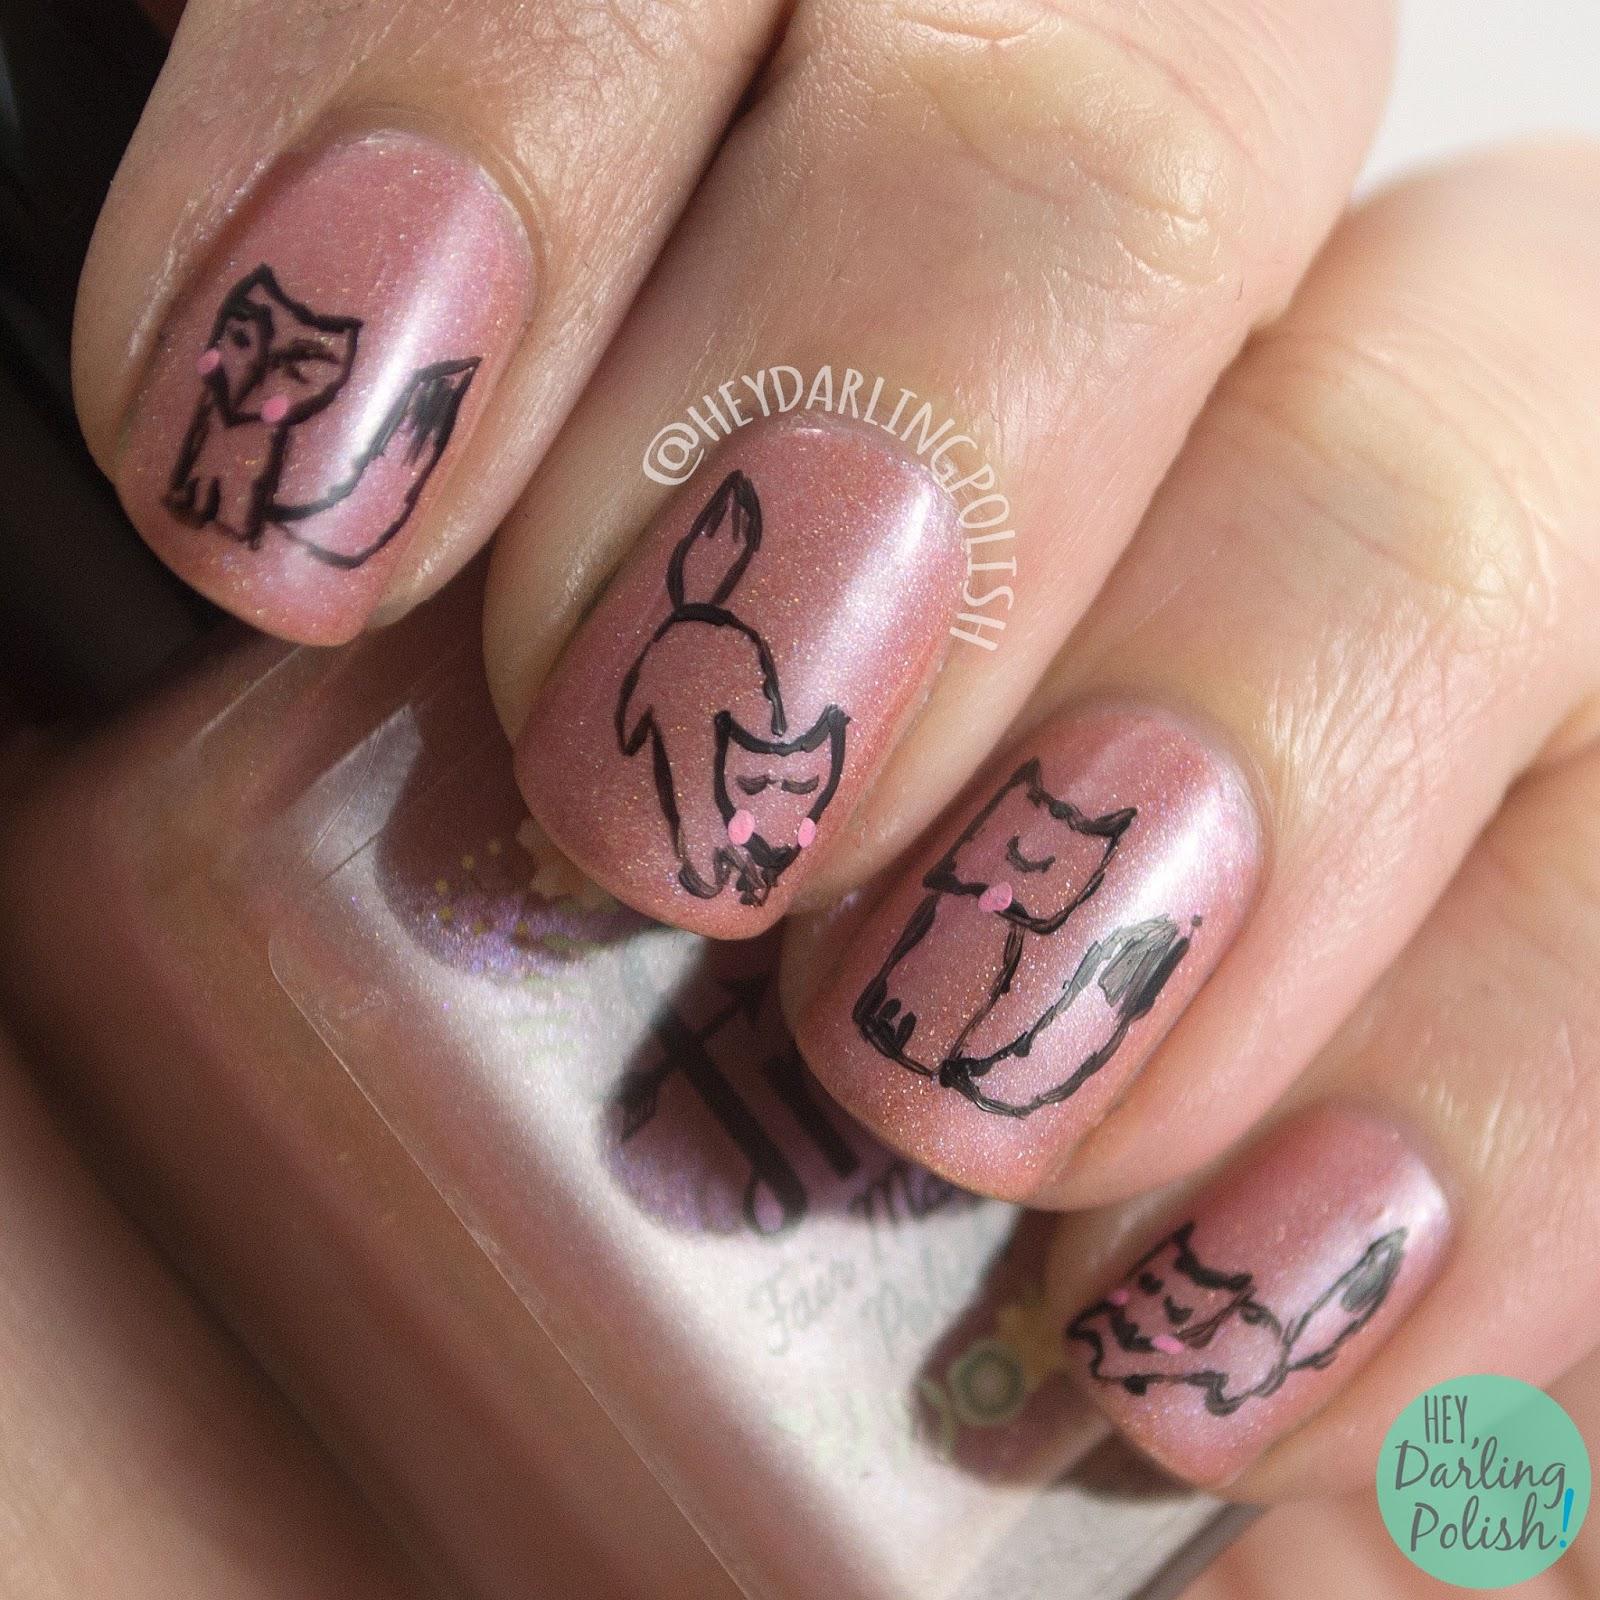 nails, nail art, nail polish, foxes, hey darling polish, indie polish, the nail challenge collaborative, holo